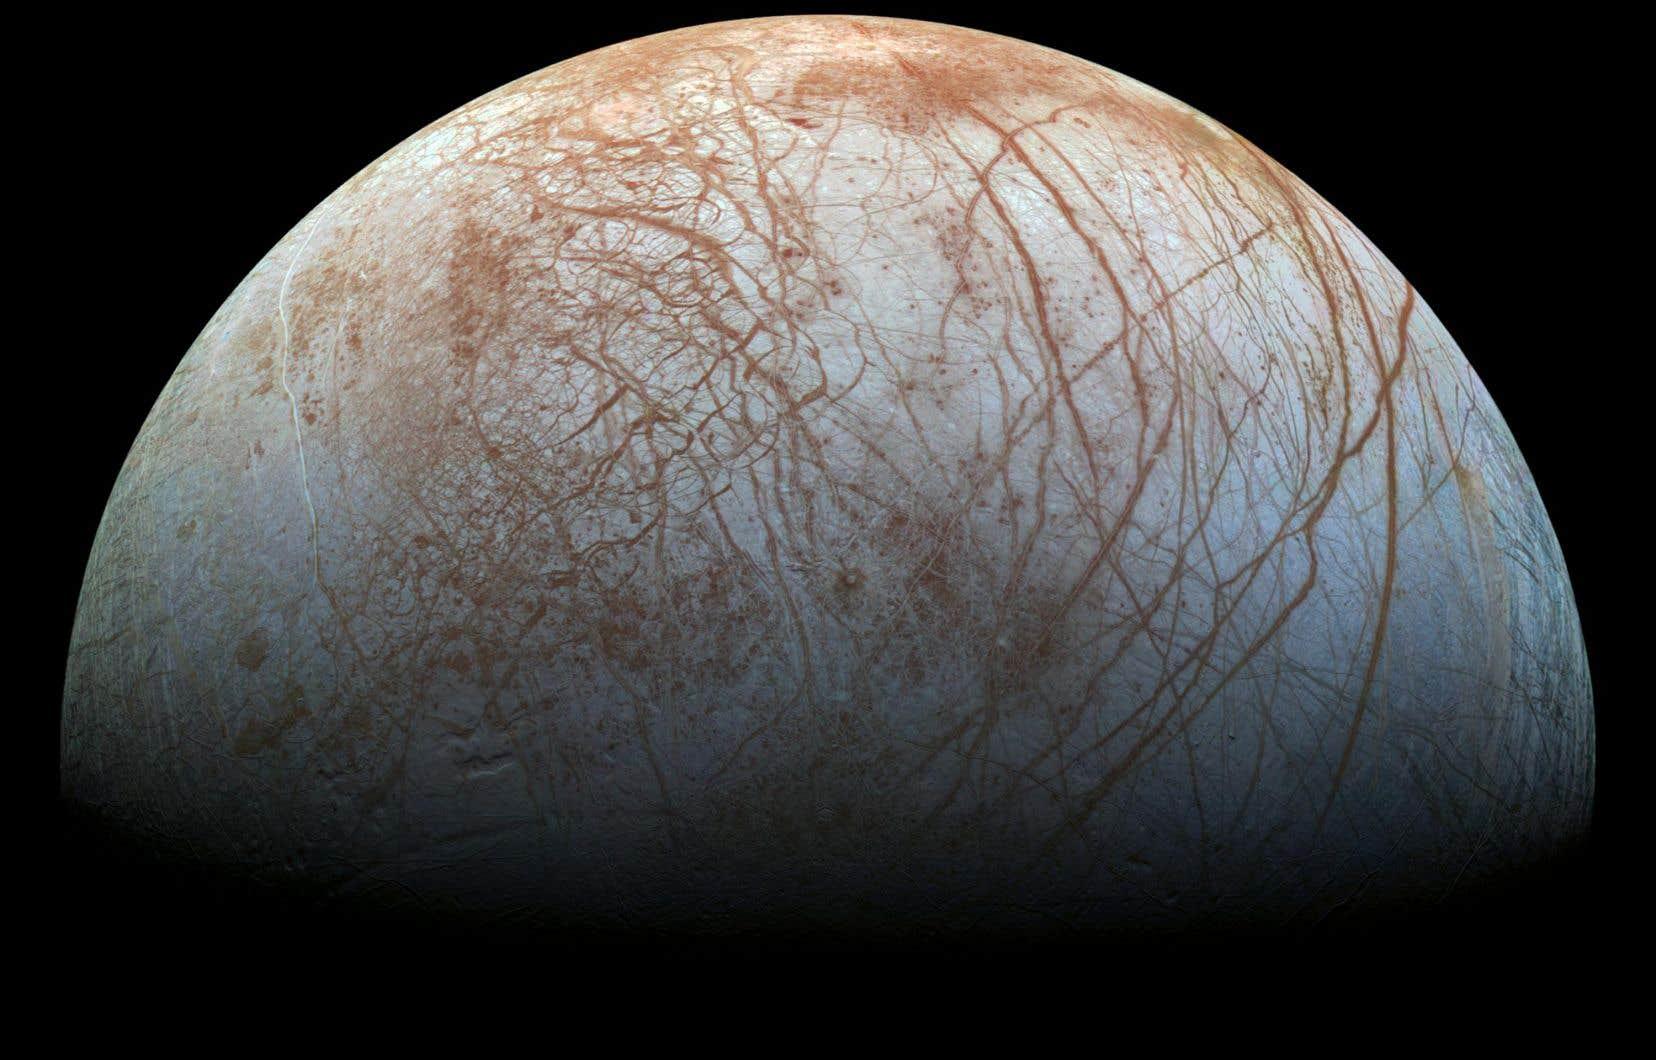 La sonde américaine <em>Galileo</em> avait déjà permis de détecter les premiers indices de la présence d'un vaste océan sur la lune Europe.